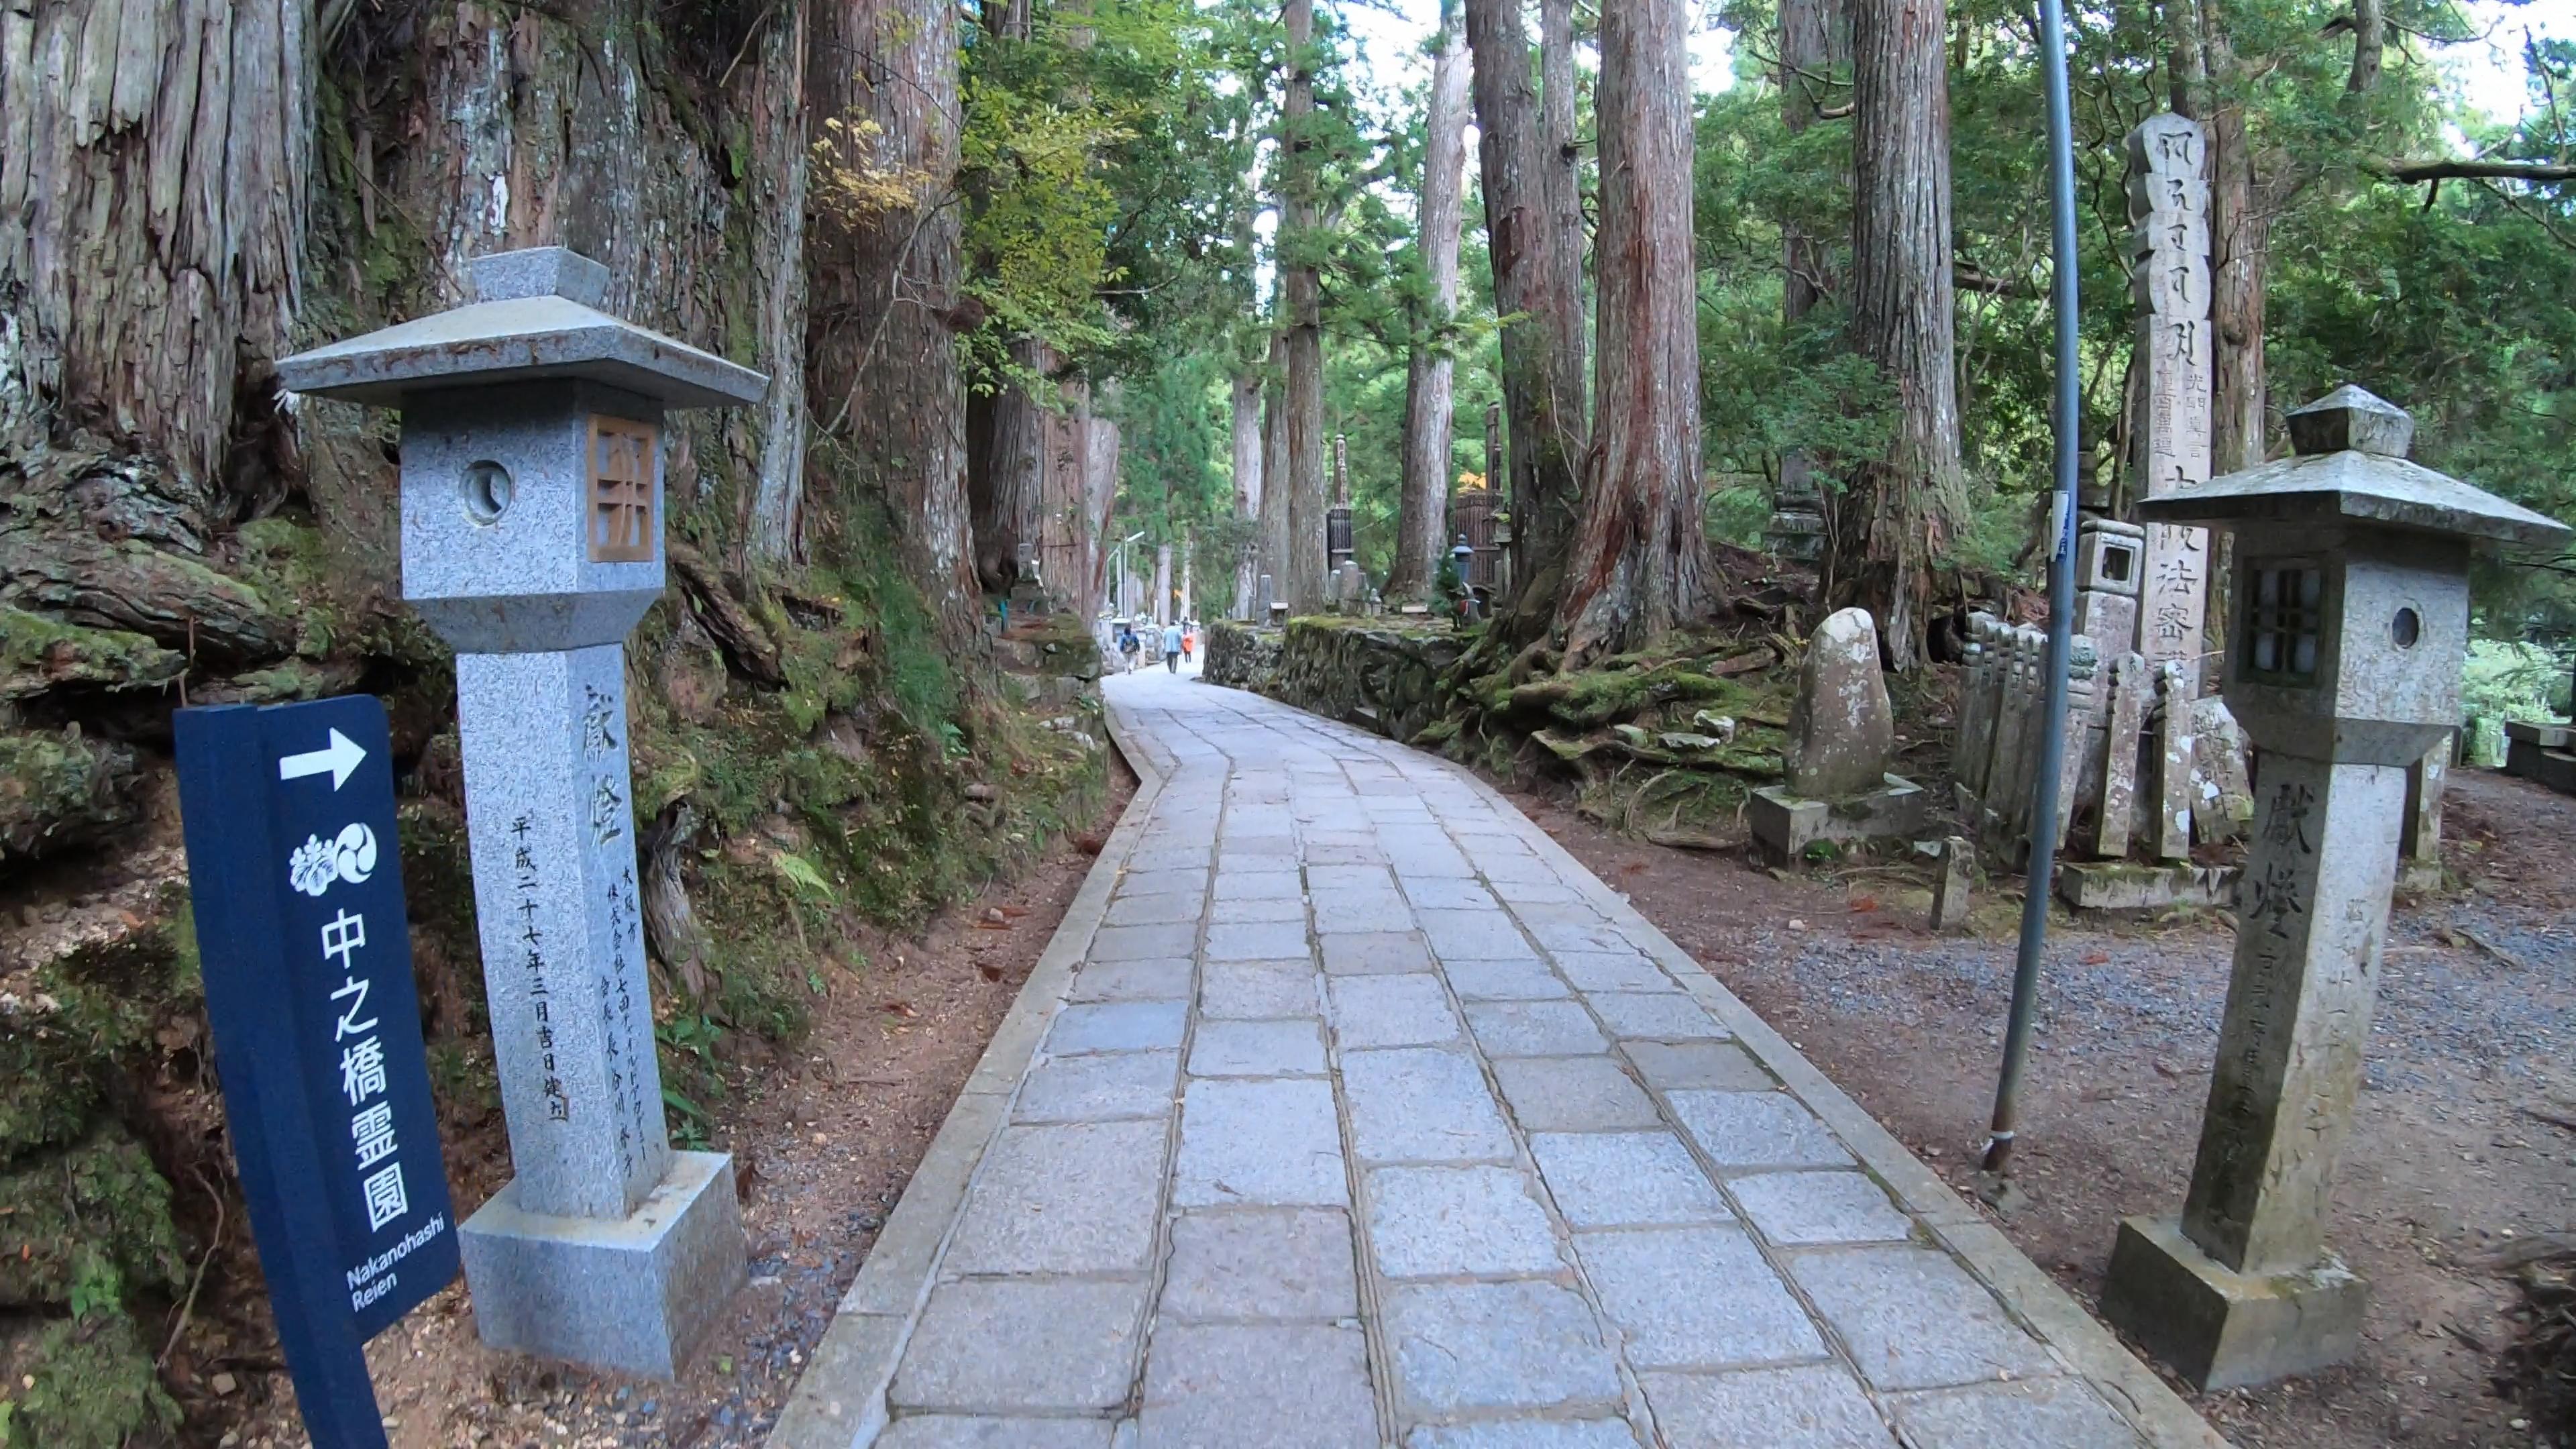 GH011863 関西でいち早く紅葉に染まる高野山へカメラ旅!